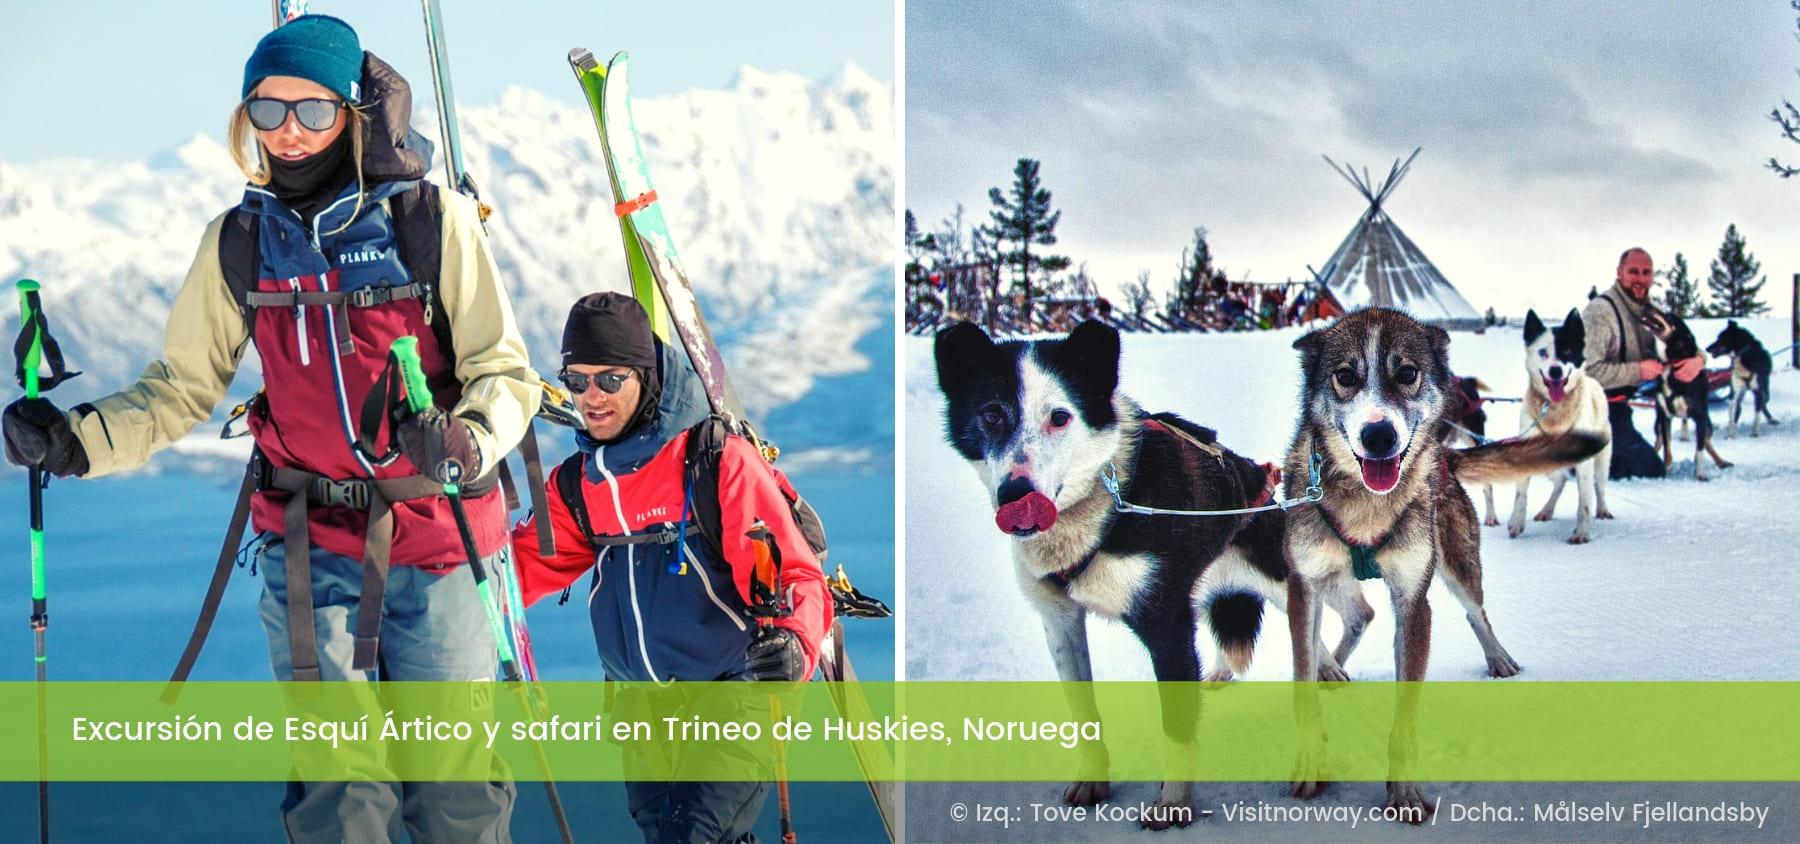 Esquí Ártico de Fondo y Trineos de Huskies Målselv Noruega